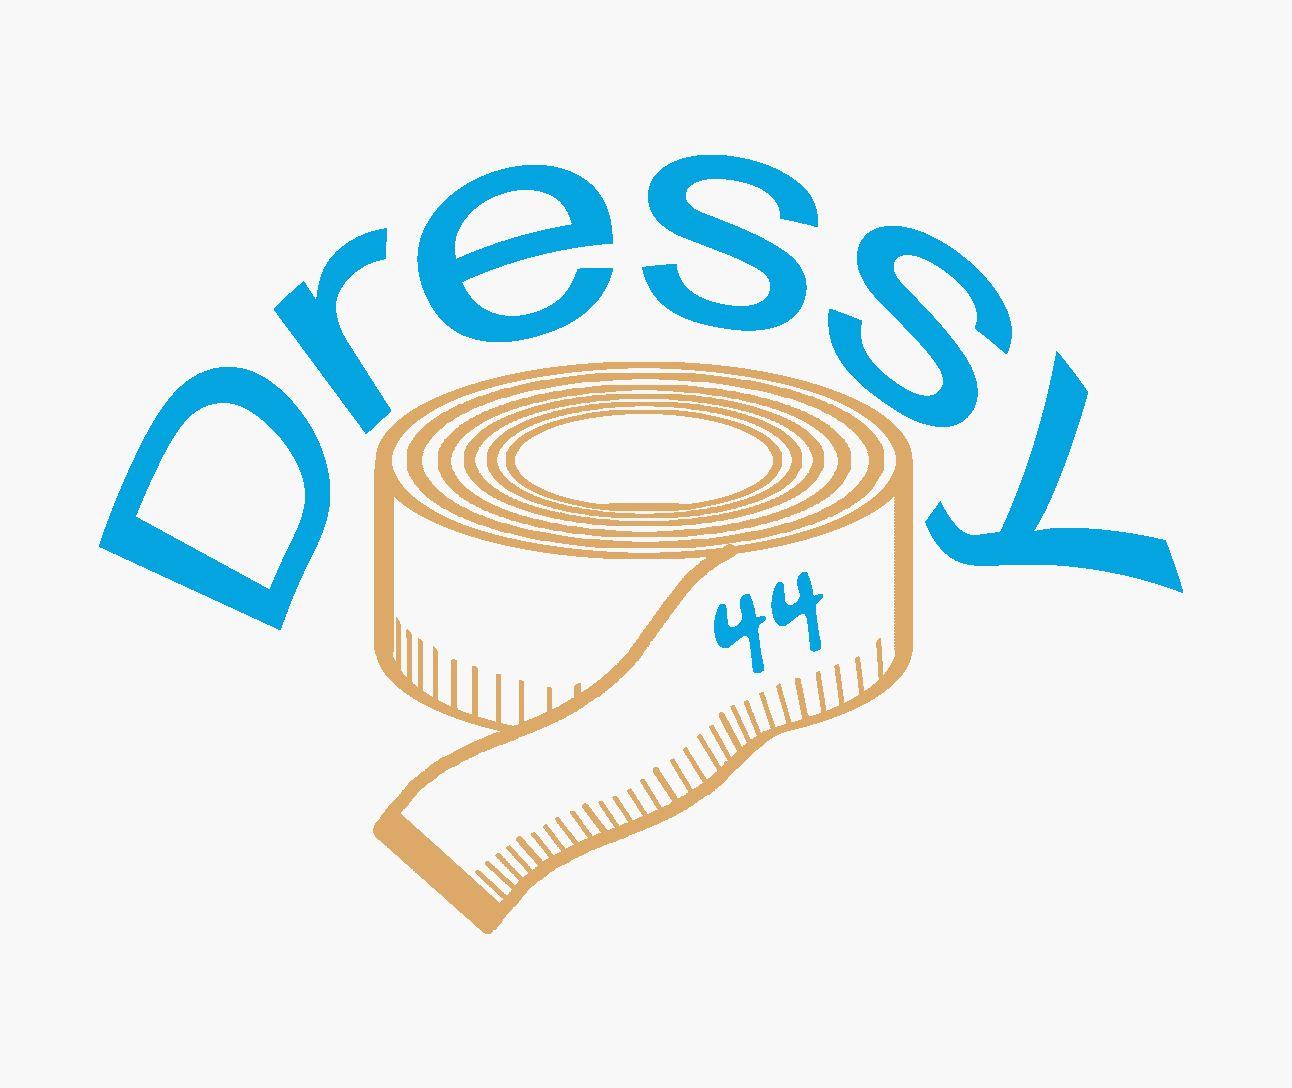 разработка логотипа _производство платьев - дизайнер DarkAngelofSad